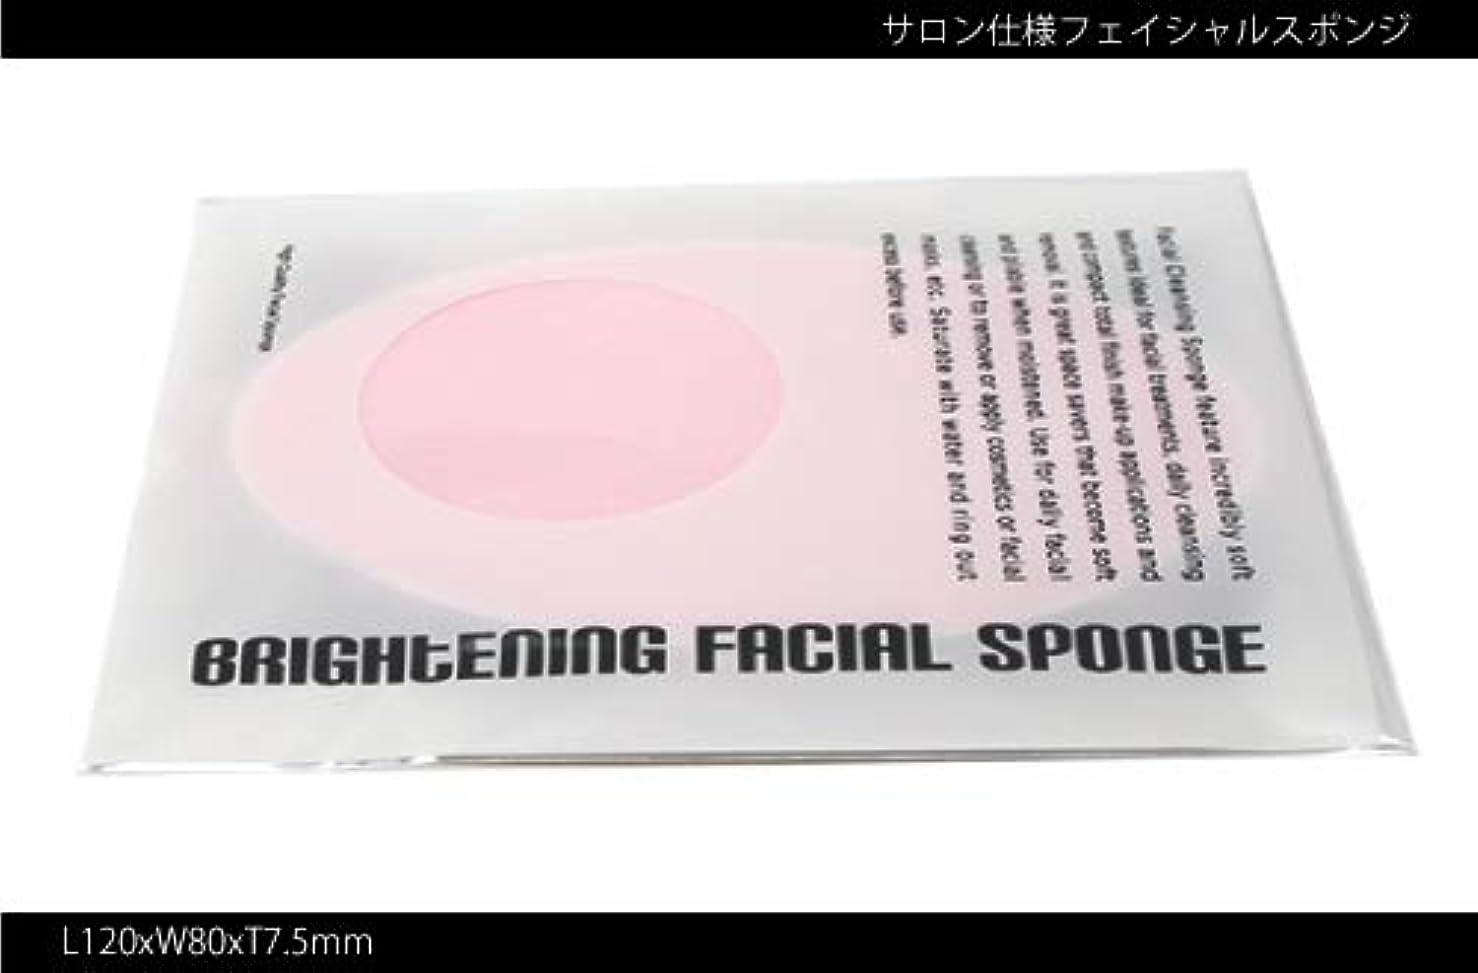 広げる心理的に幅エステプロユース フェイシャル スポンジ(どんな細かい汚れにも対応、肌に優しいスポンジ。)